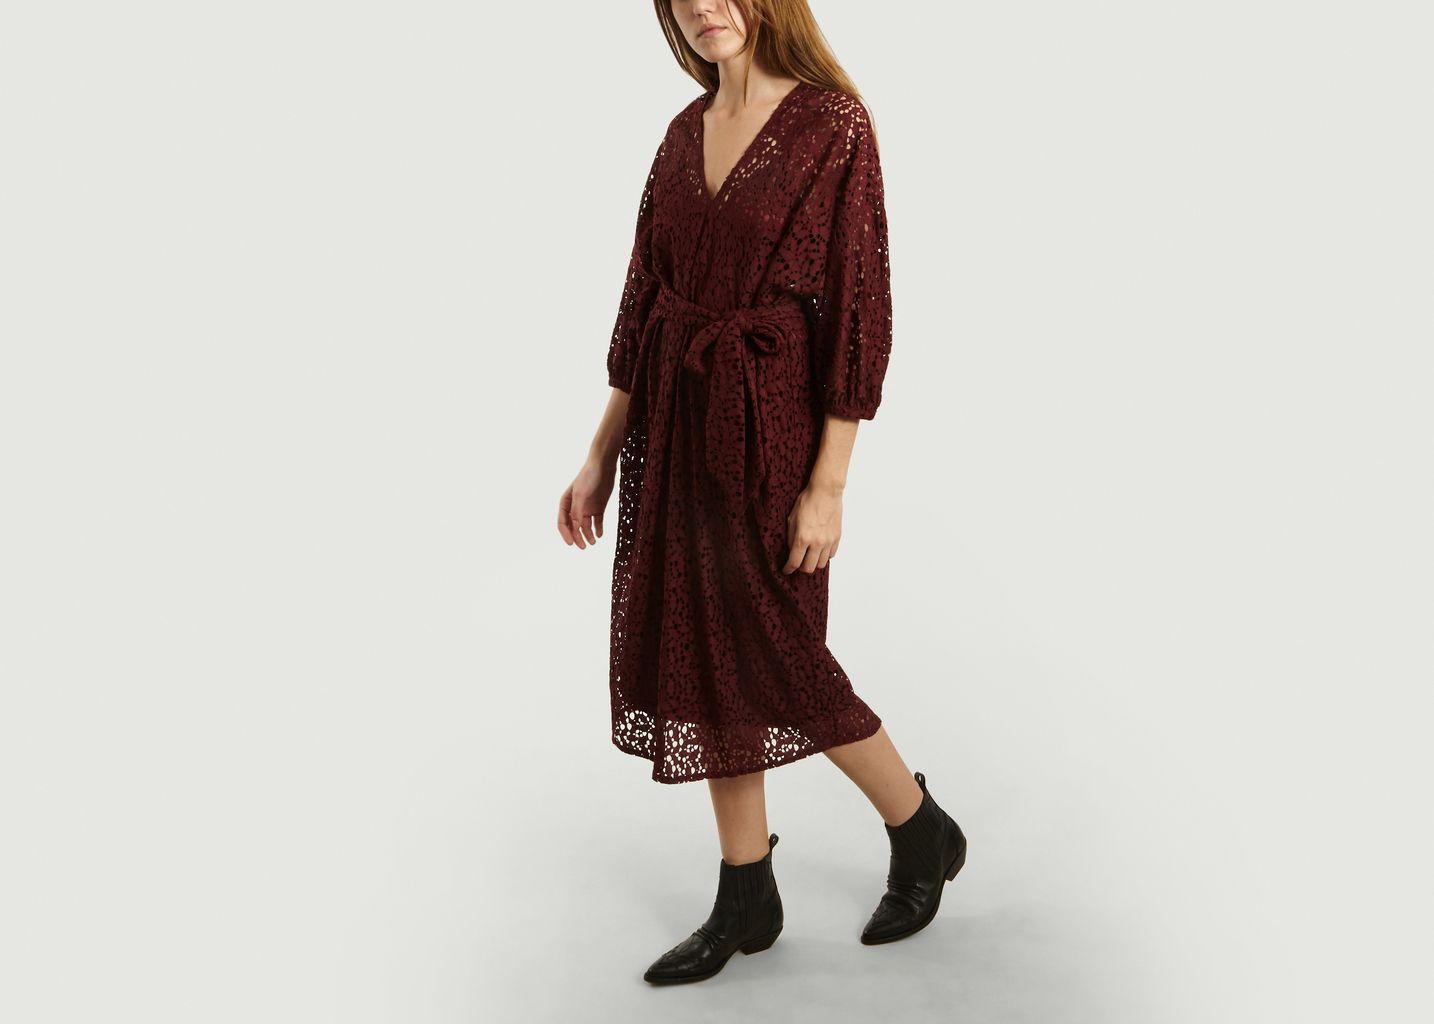 Robe Shades Lace Doublée - Roseanna